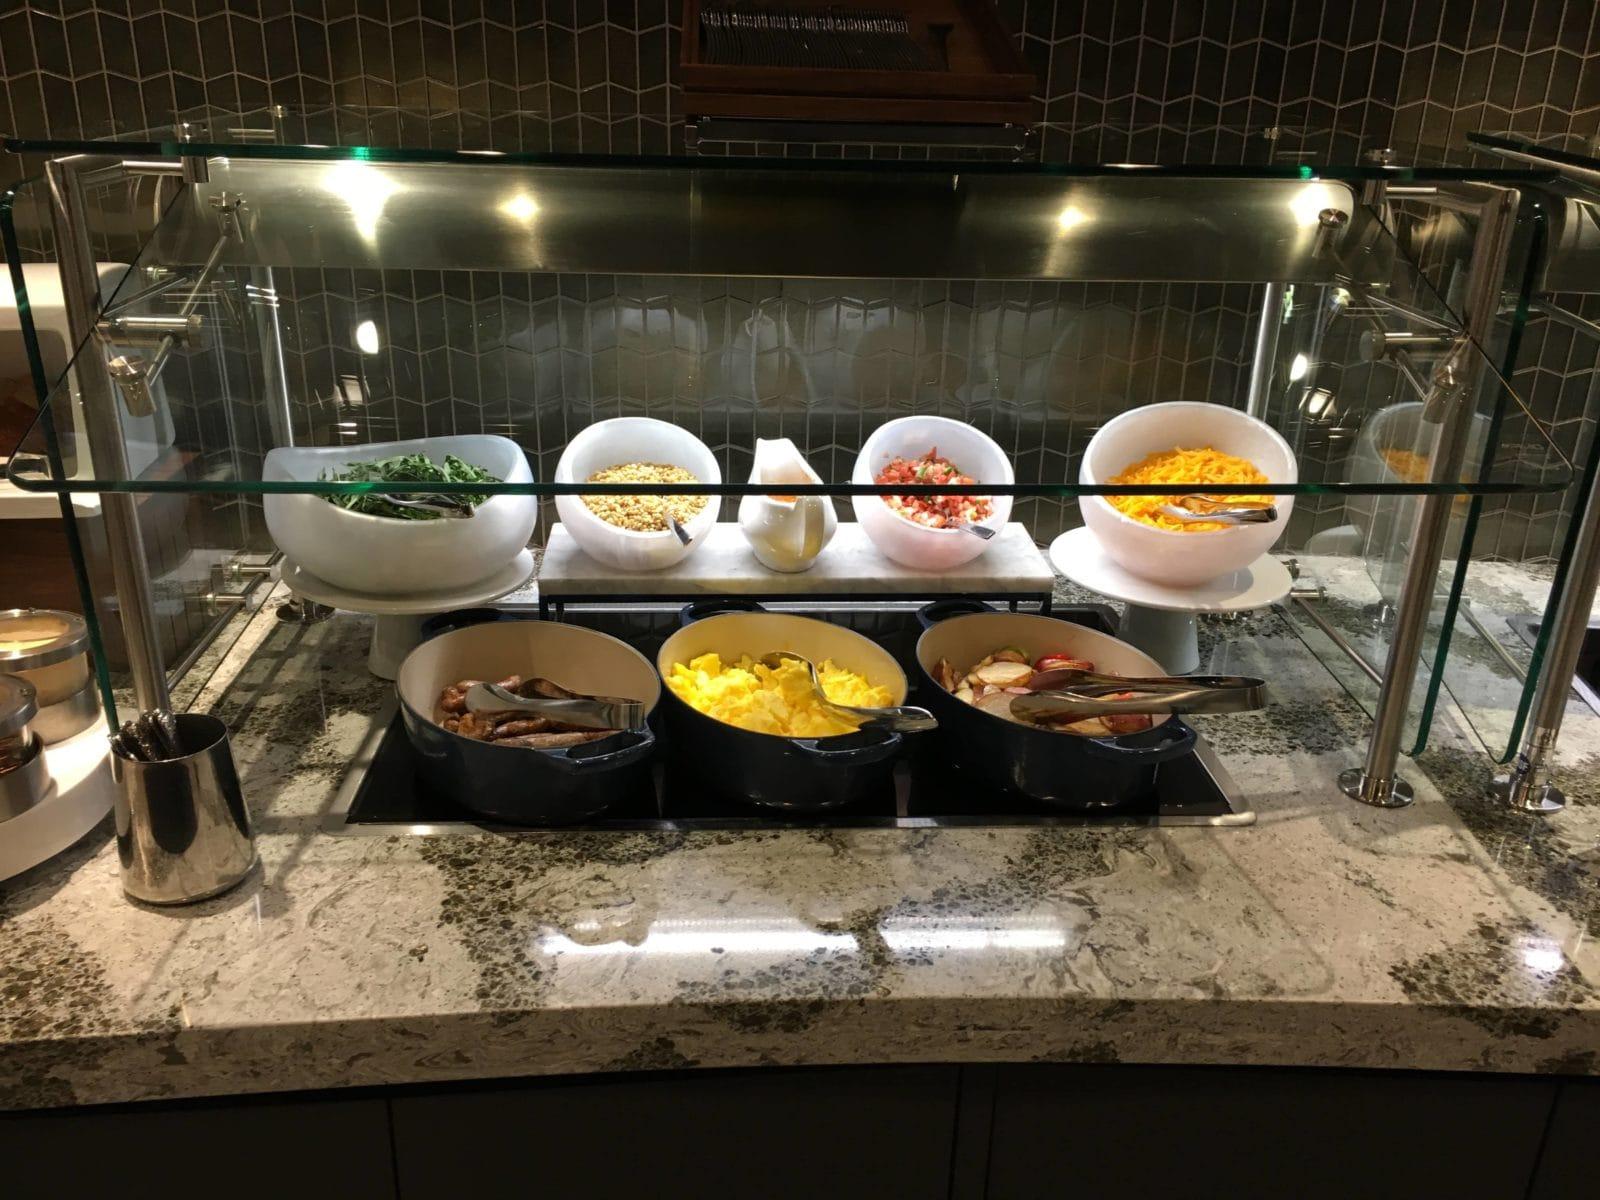 United Polaris Lounge LAX - Rührei. Würstchen und andere kalte und warme Speisen